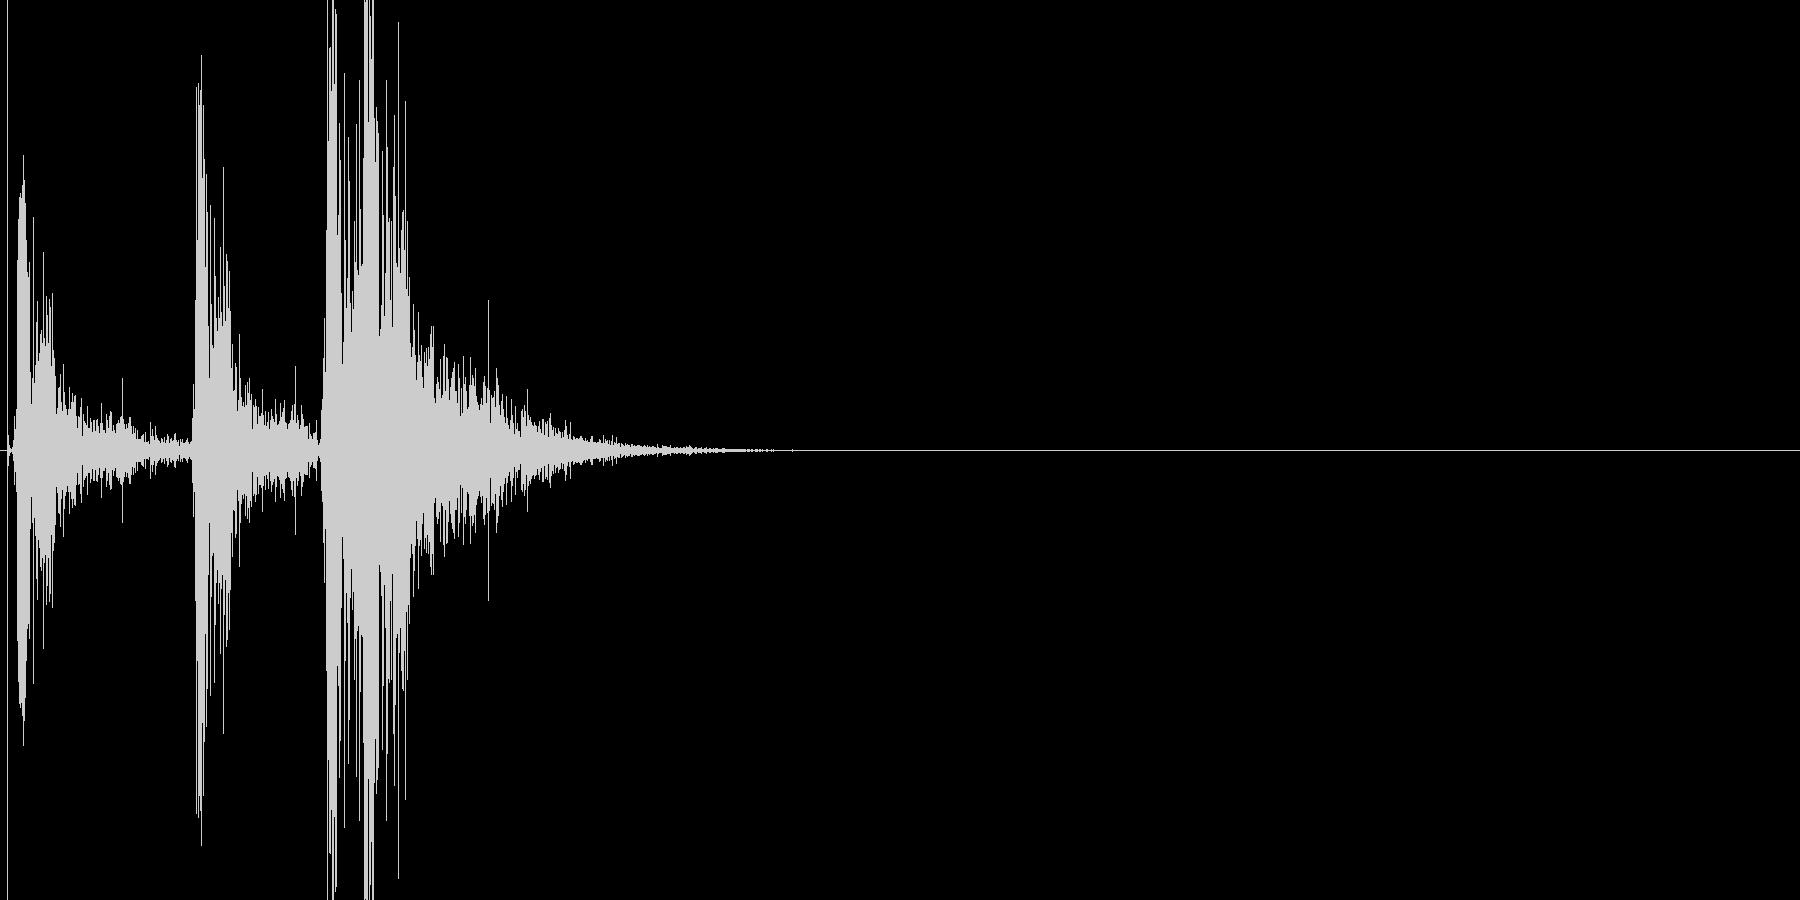 火花/スパーク音(バチバチッ)の未再生の波形